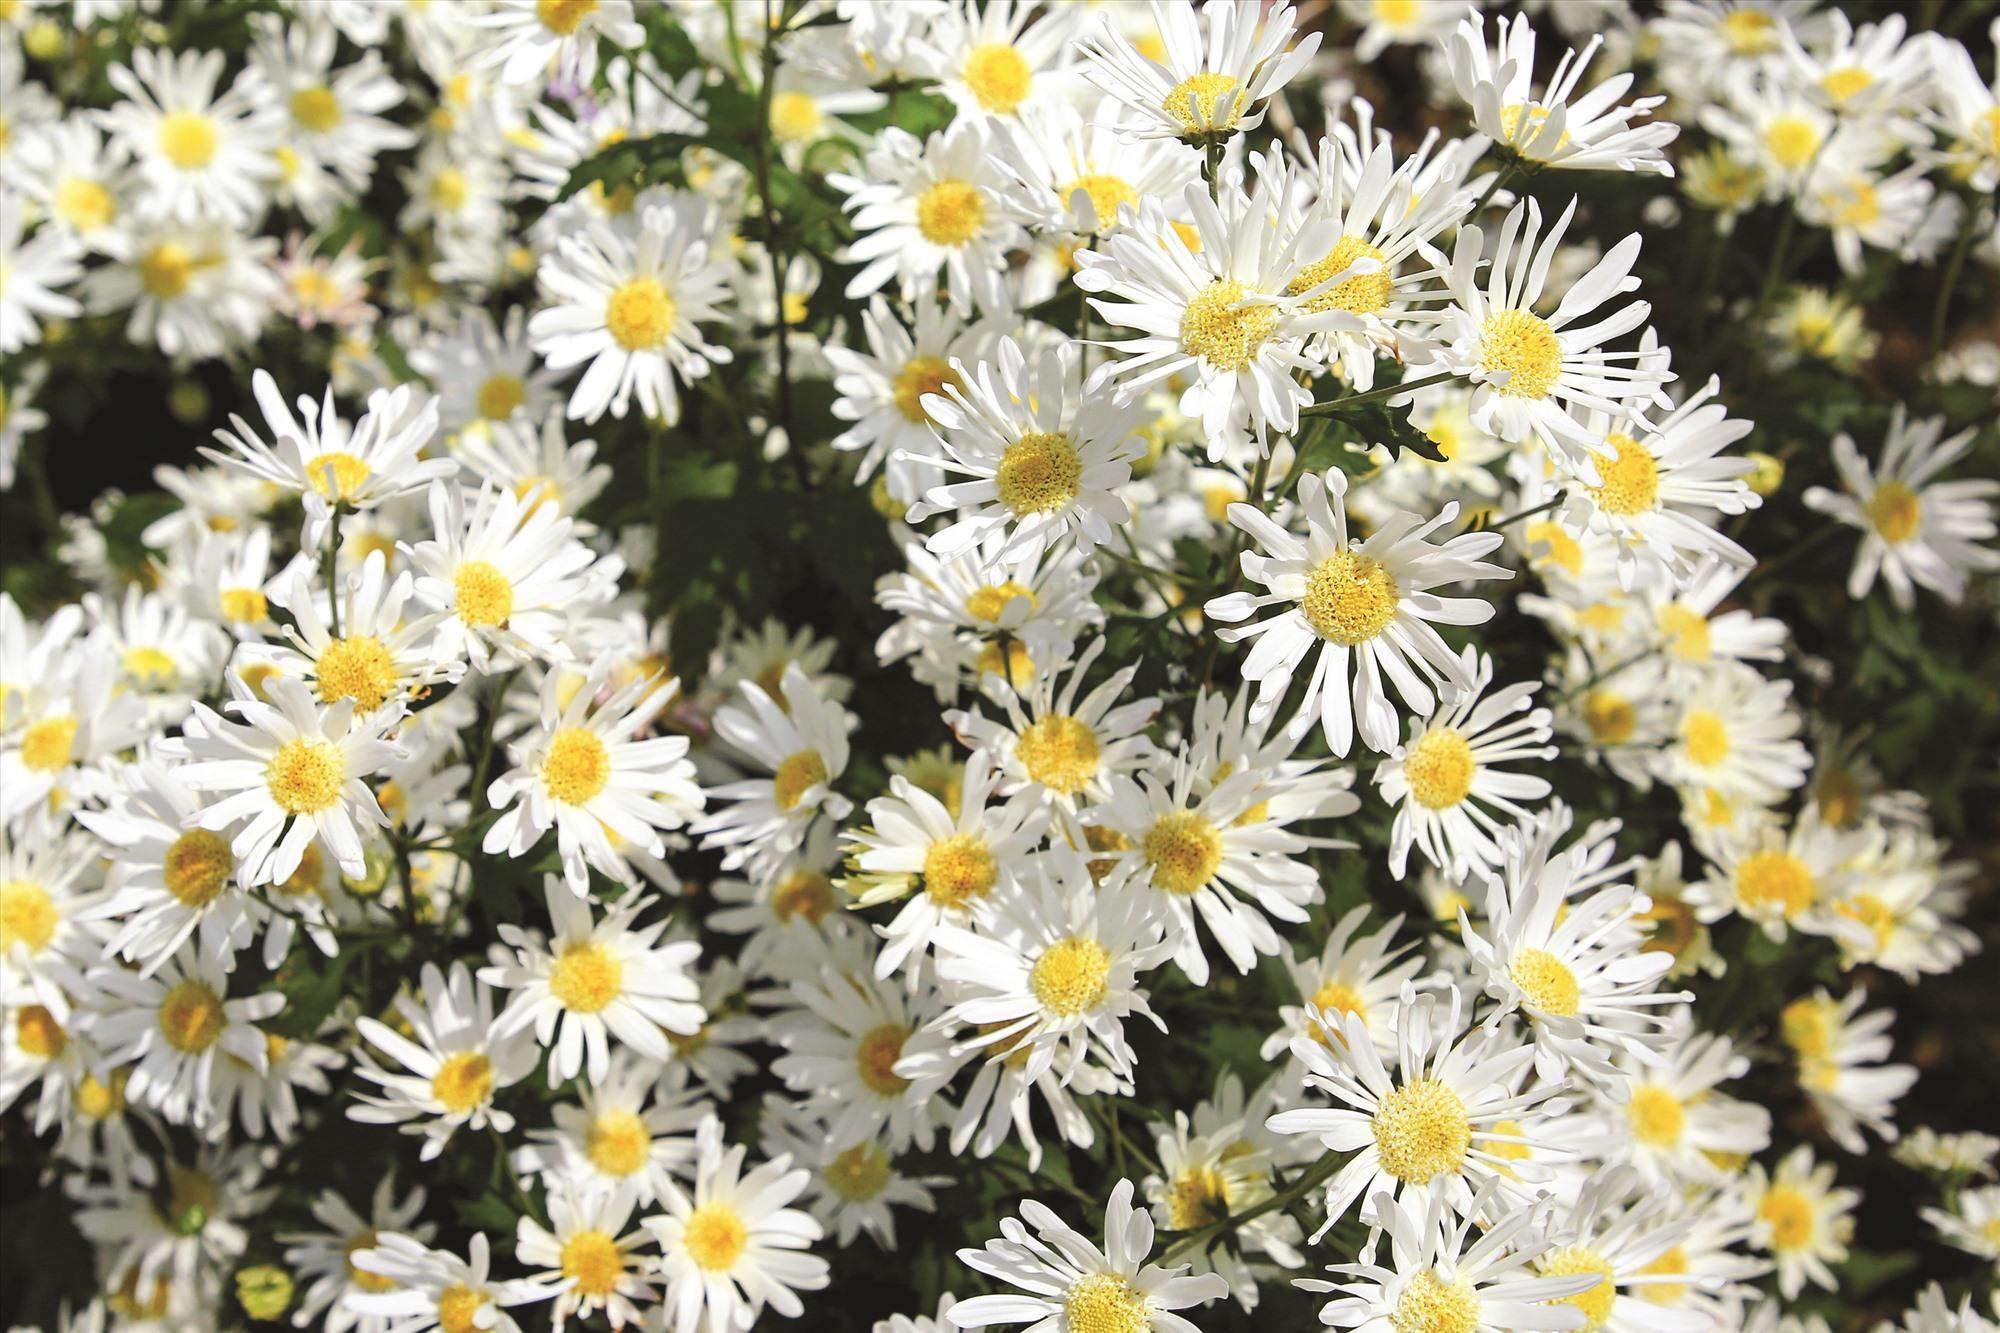 Dù nở trái mùa, cúc hoạ mi vẫn khoe sắc với cánh trắng, nụ vàng và thân vươn cao.